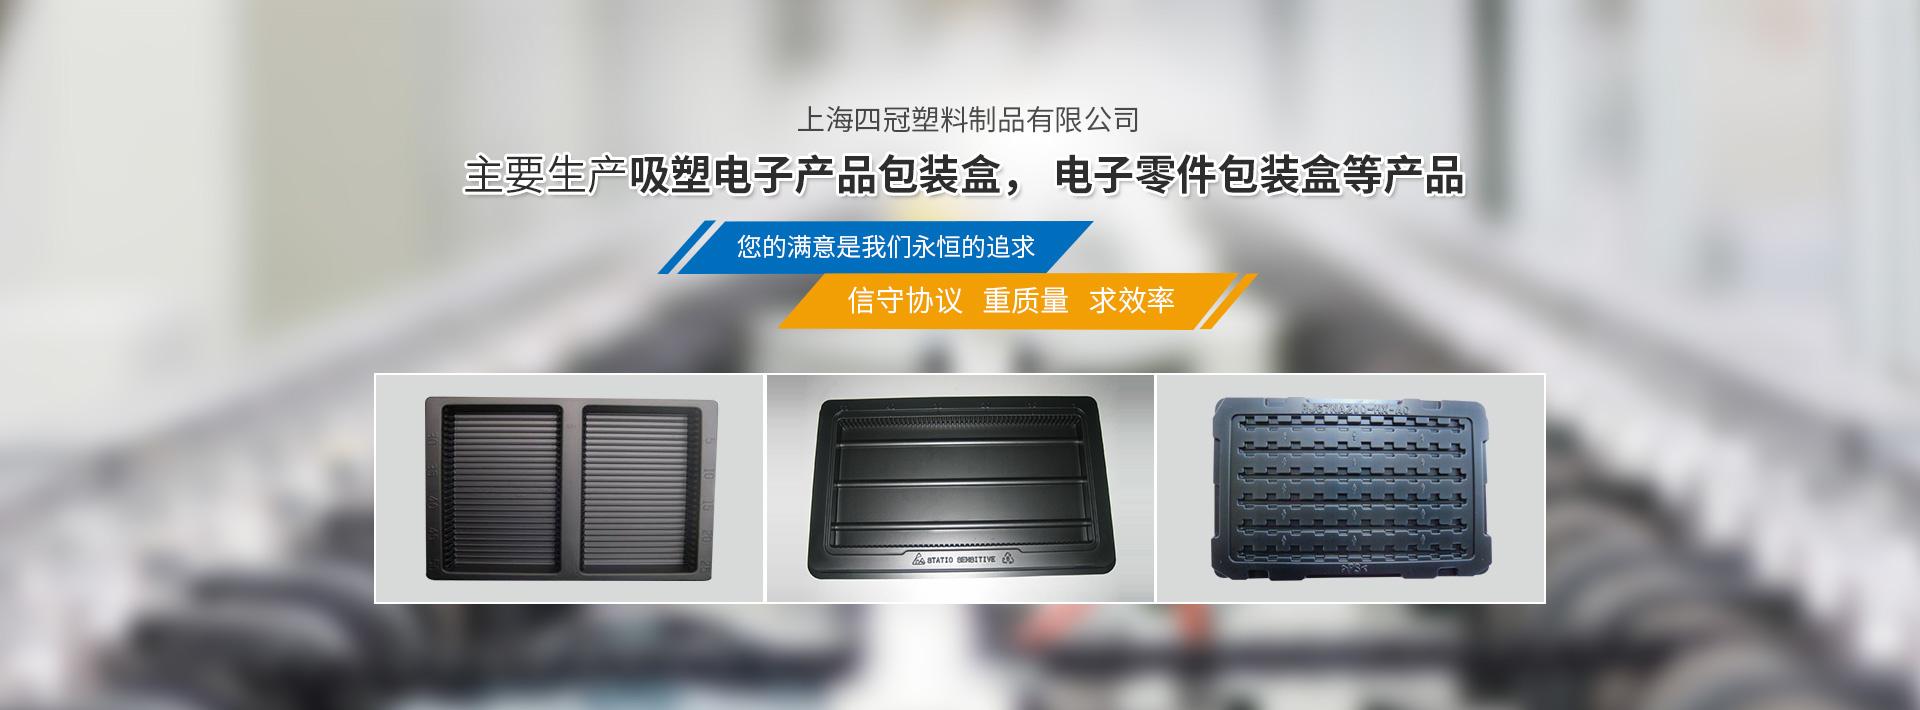 上海四冠塑料制品有限公司